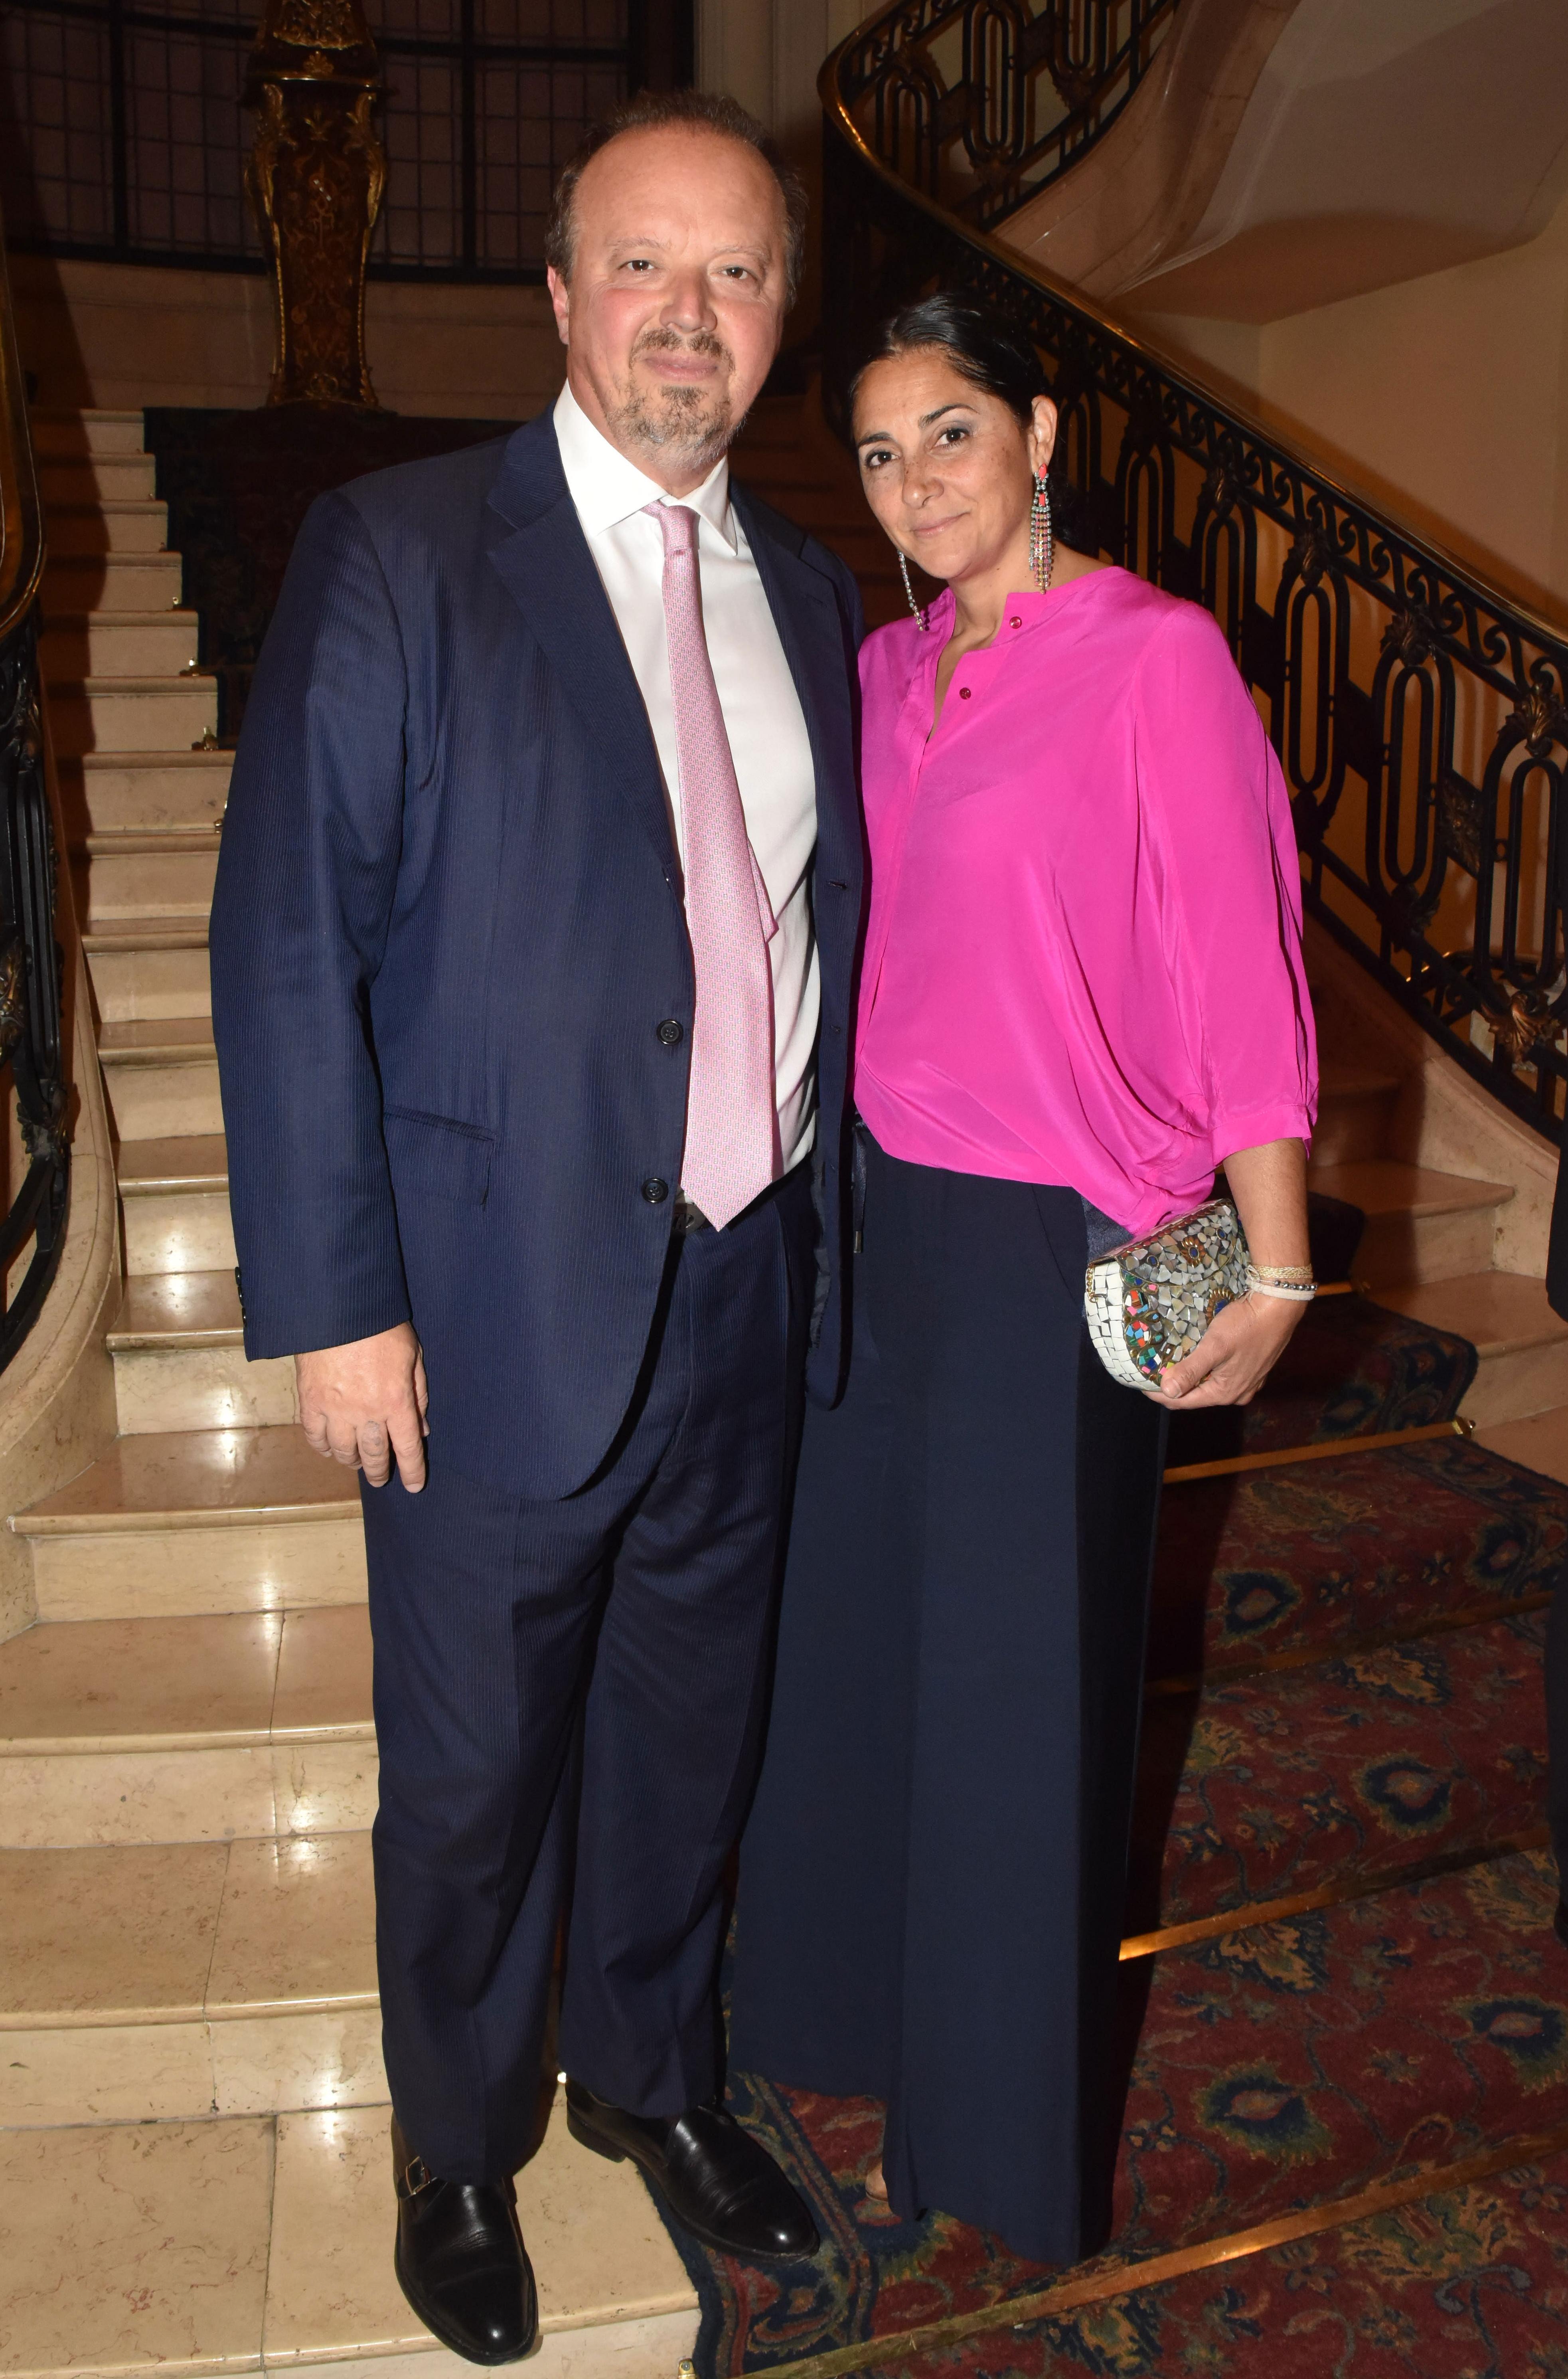 El presidente del Banco de Valores, Juan Ignacio Nápoli, y su mujer María Laura Cristinz